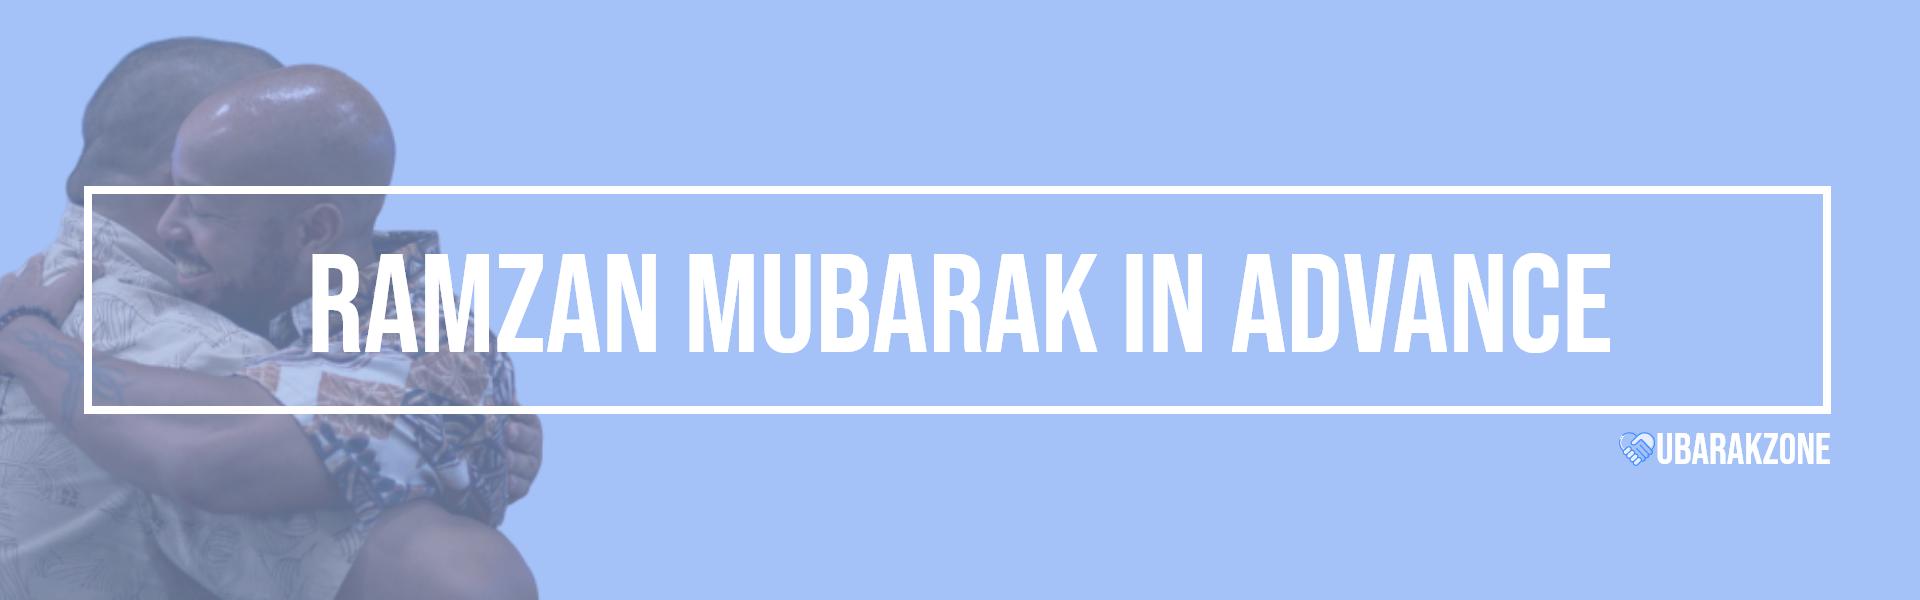 advance ramzan mubarak wishes messages